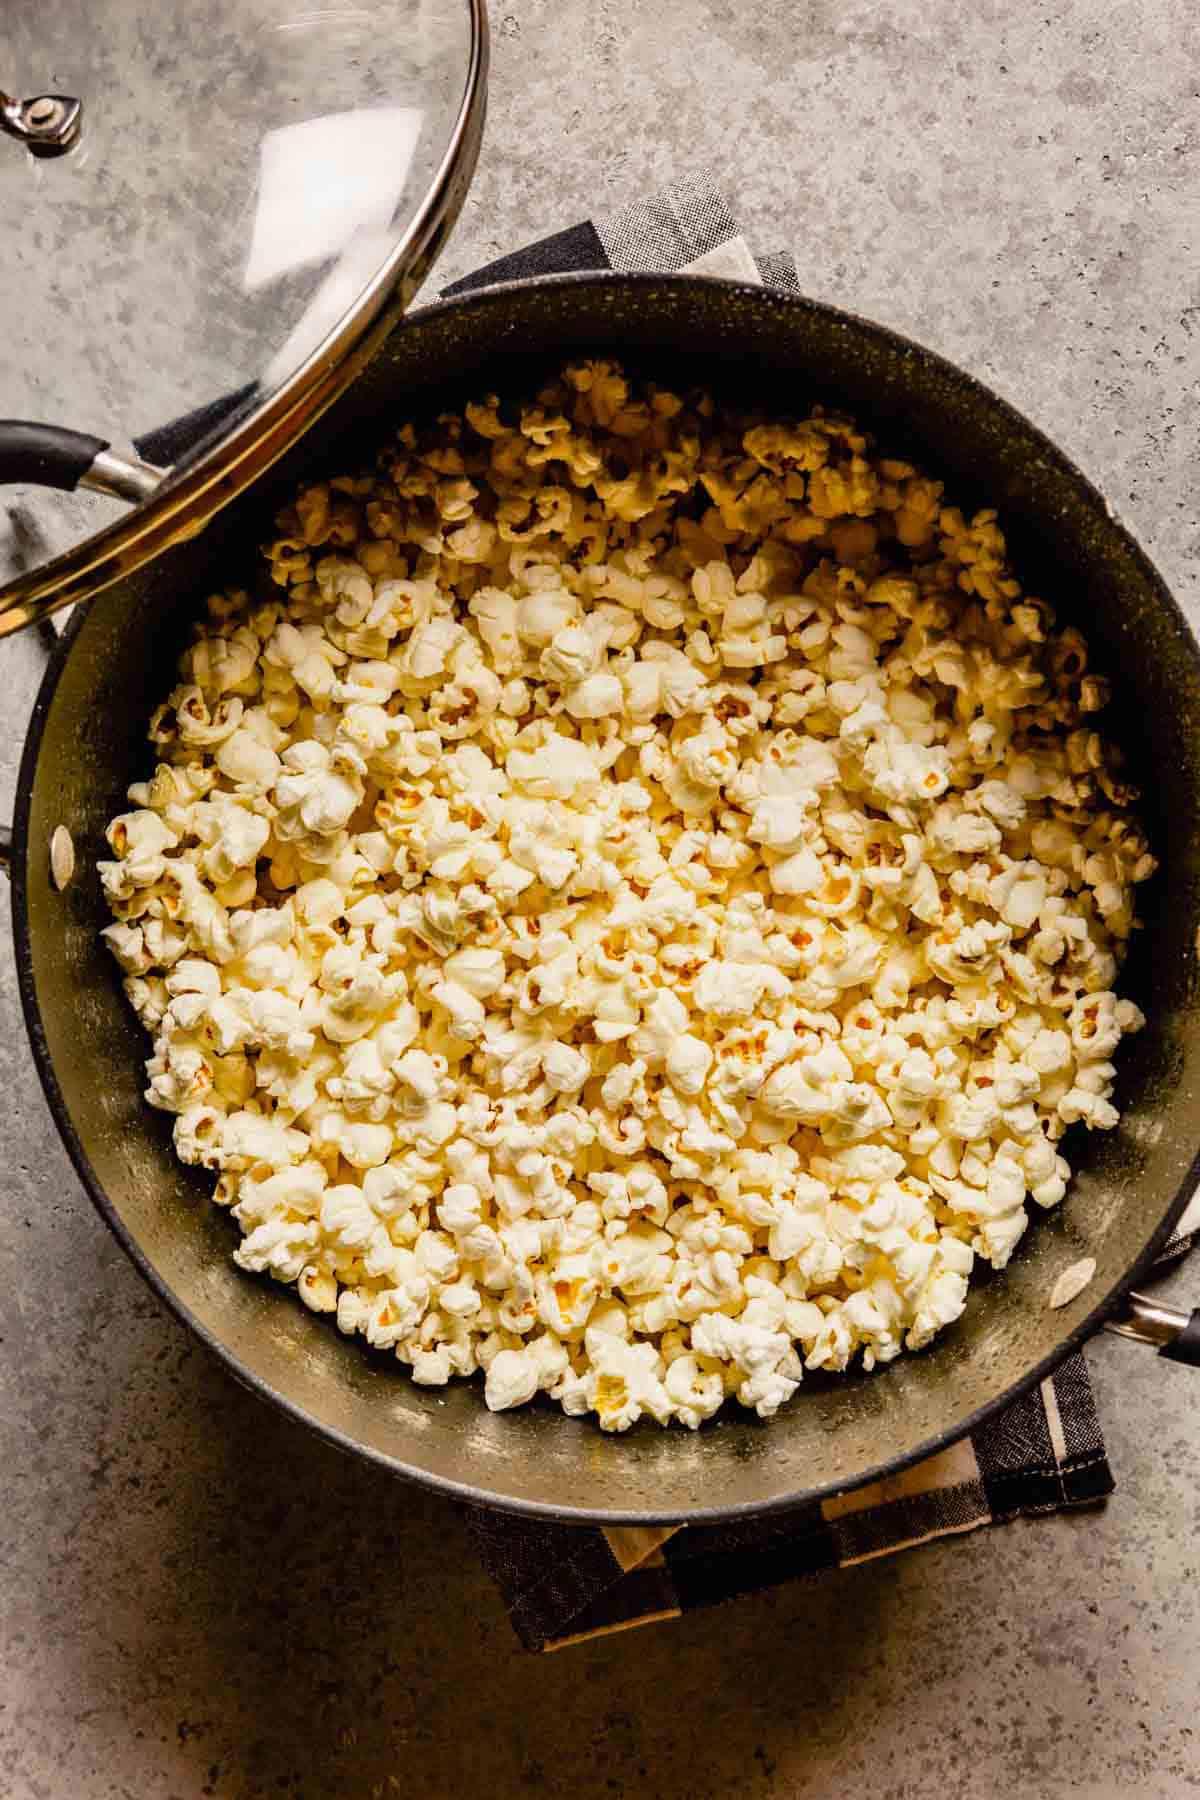 Pot full of popped popcorn.